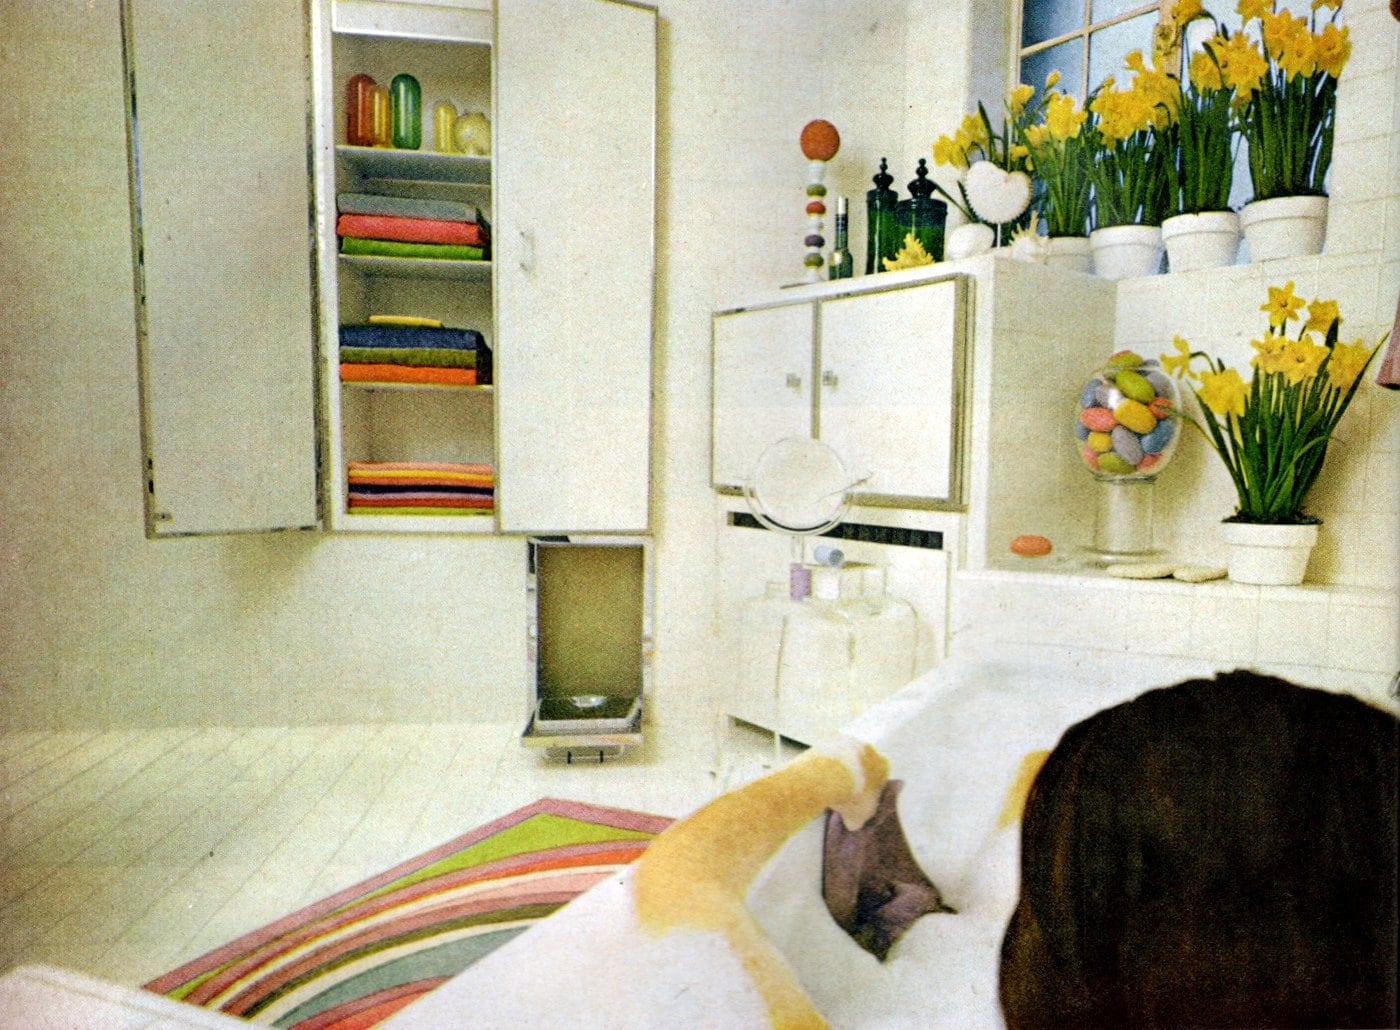 Retro bathroom decor from May 1968 (4)